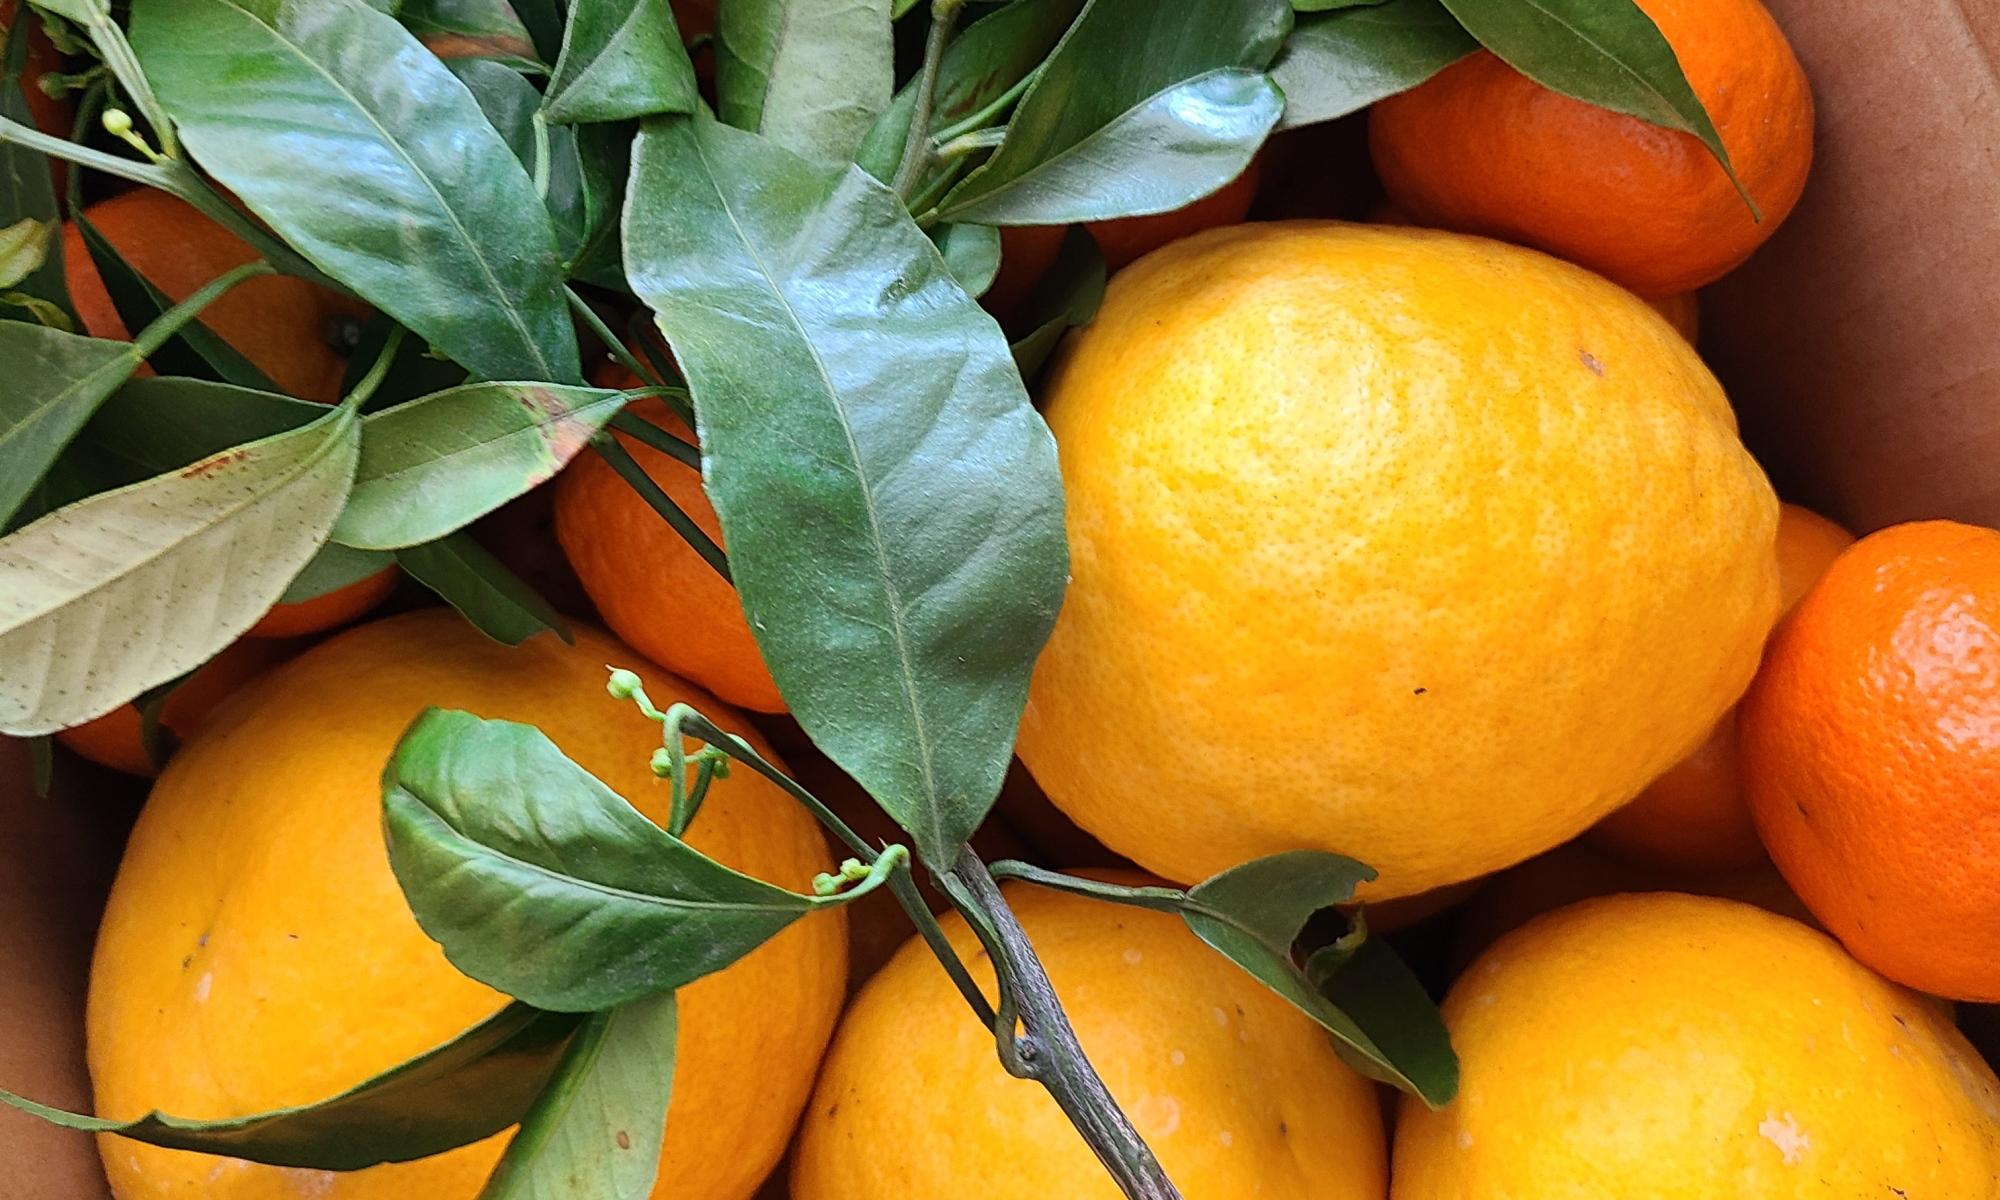 ダンボールに入った沢山のオレンジたち